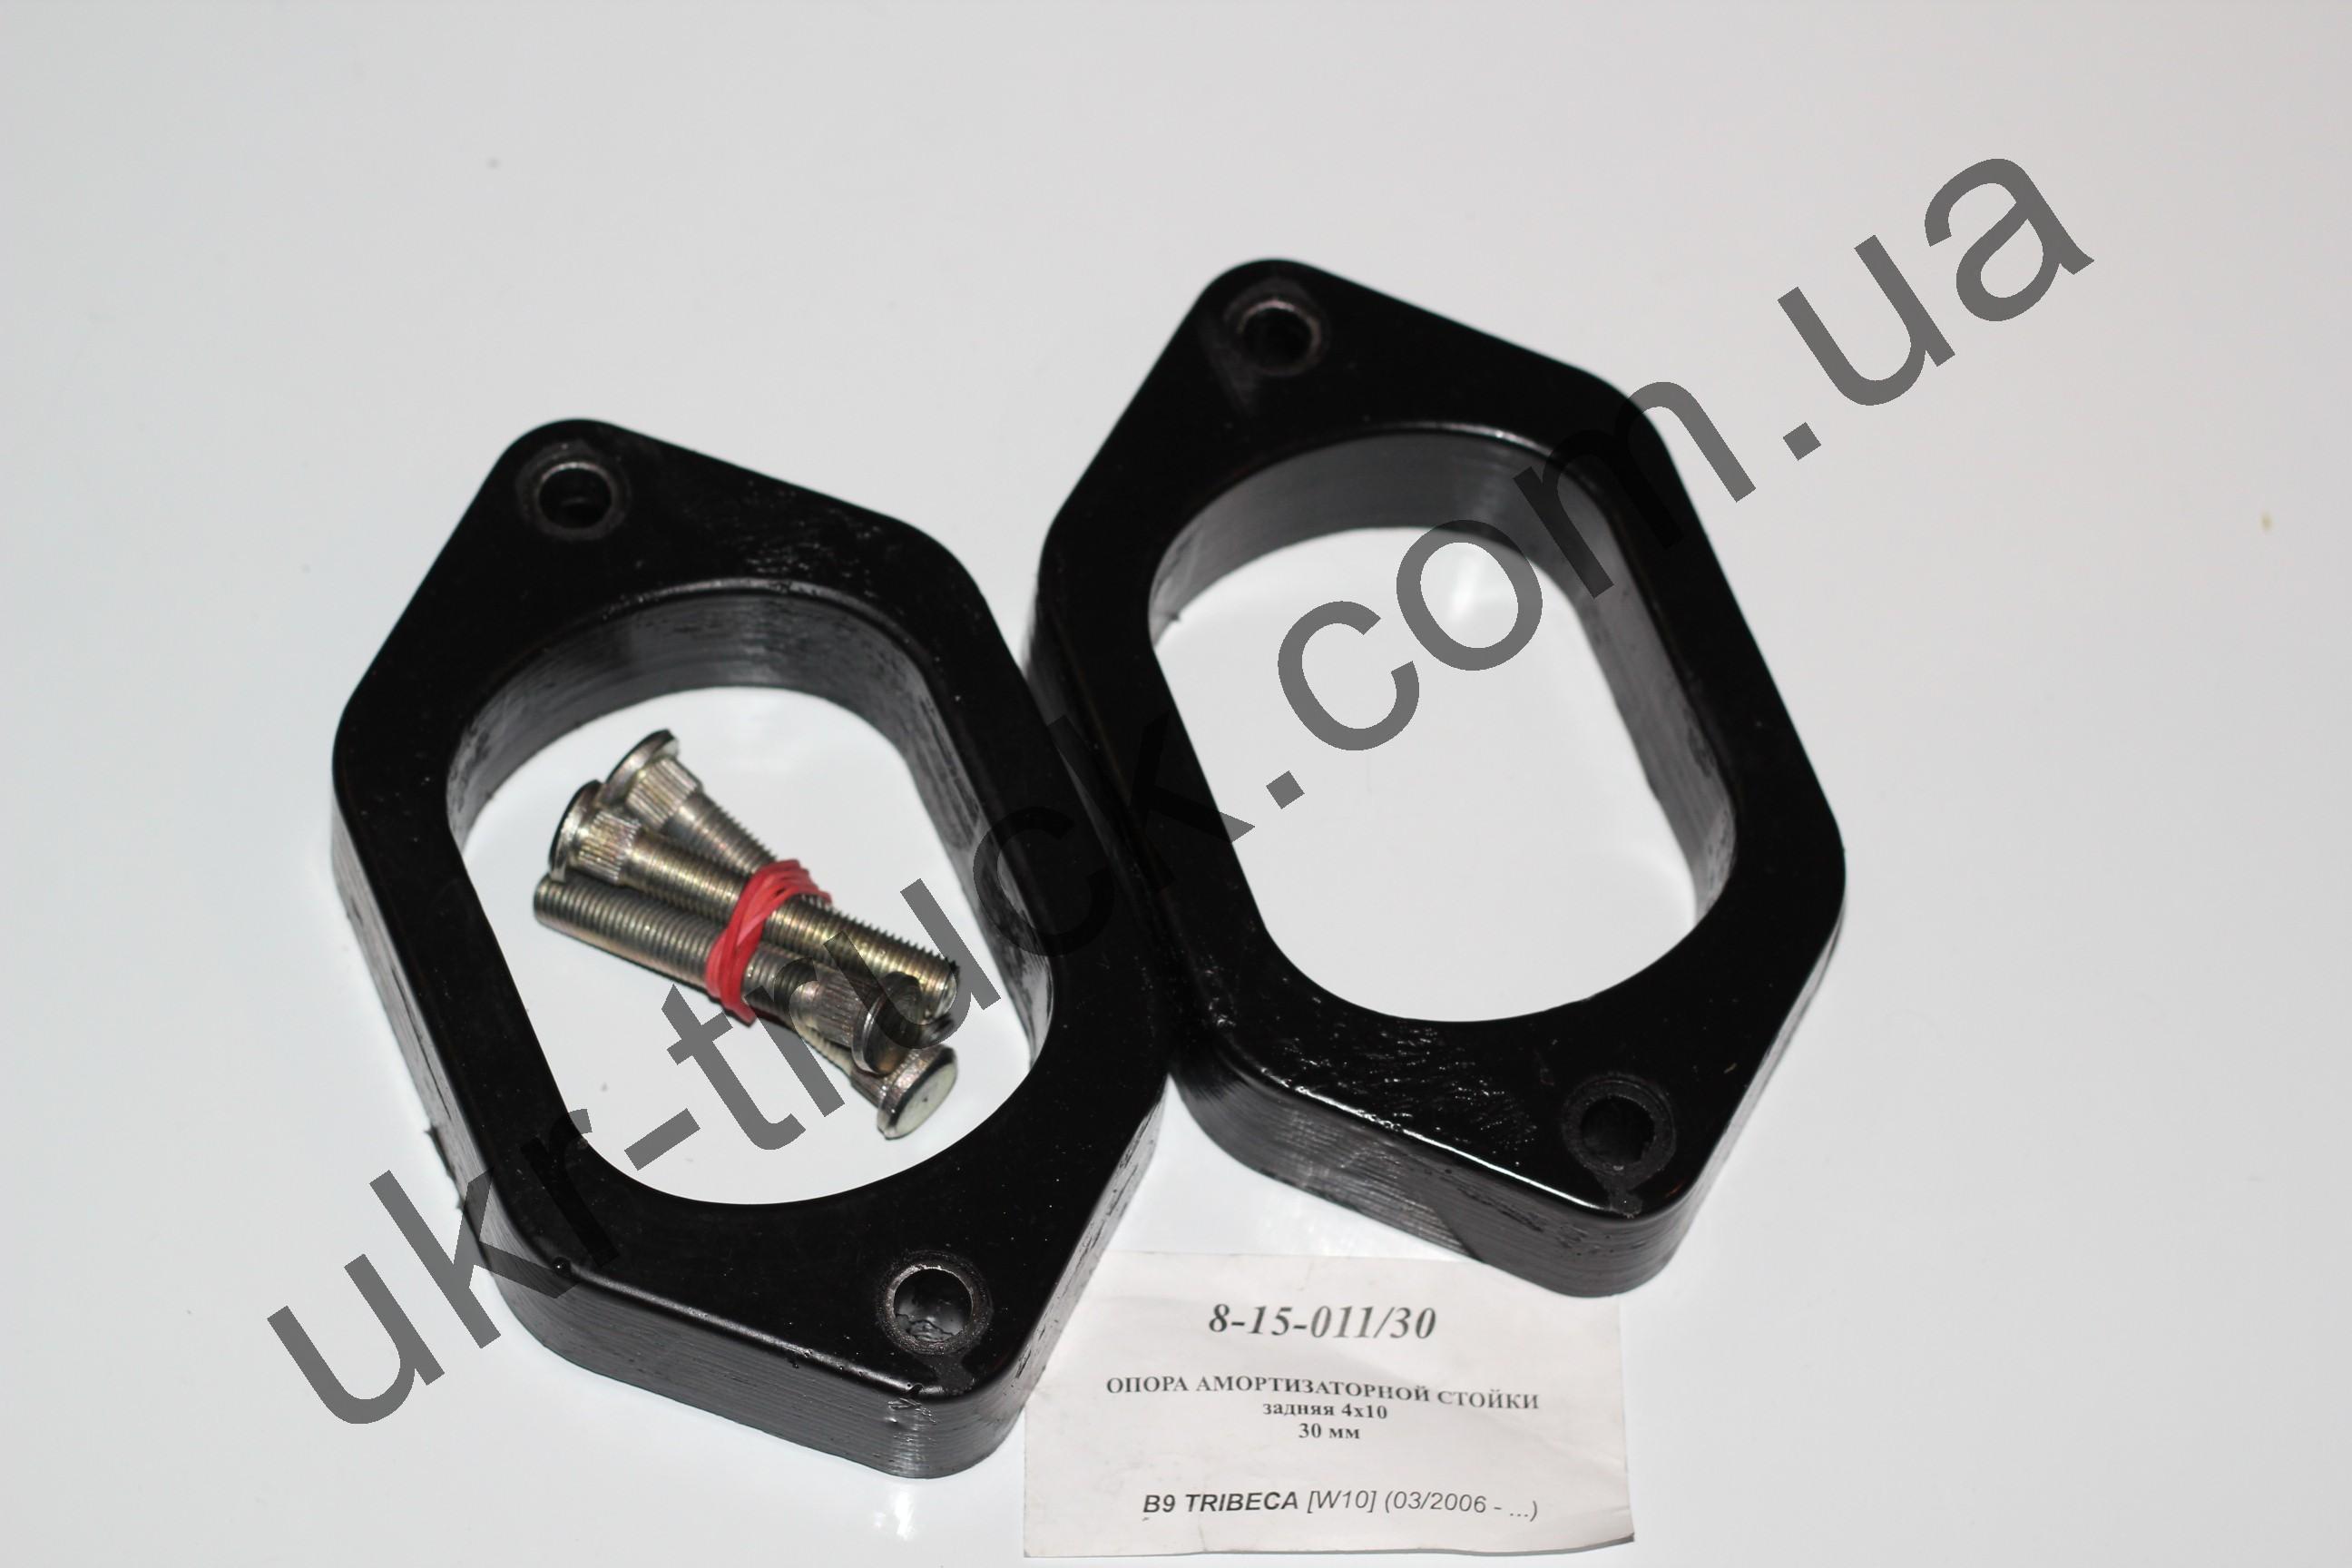 Проставка задняя на SUBARU B9 TRIBECA [W10] (03/2006 - ...) 4х10 30мм 8-15-011/30